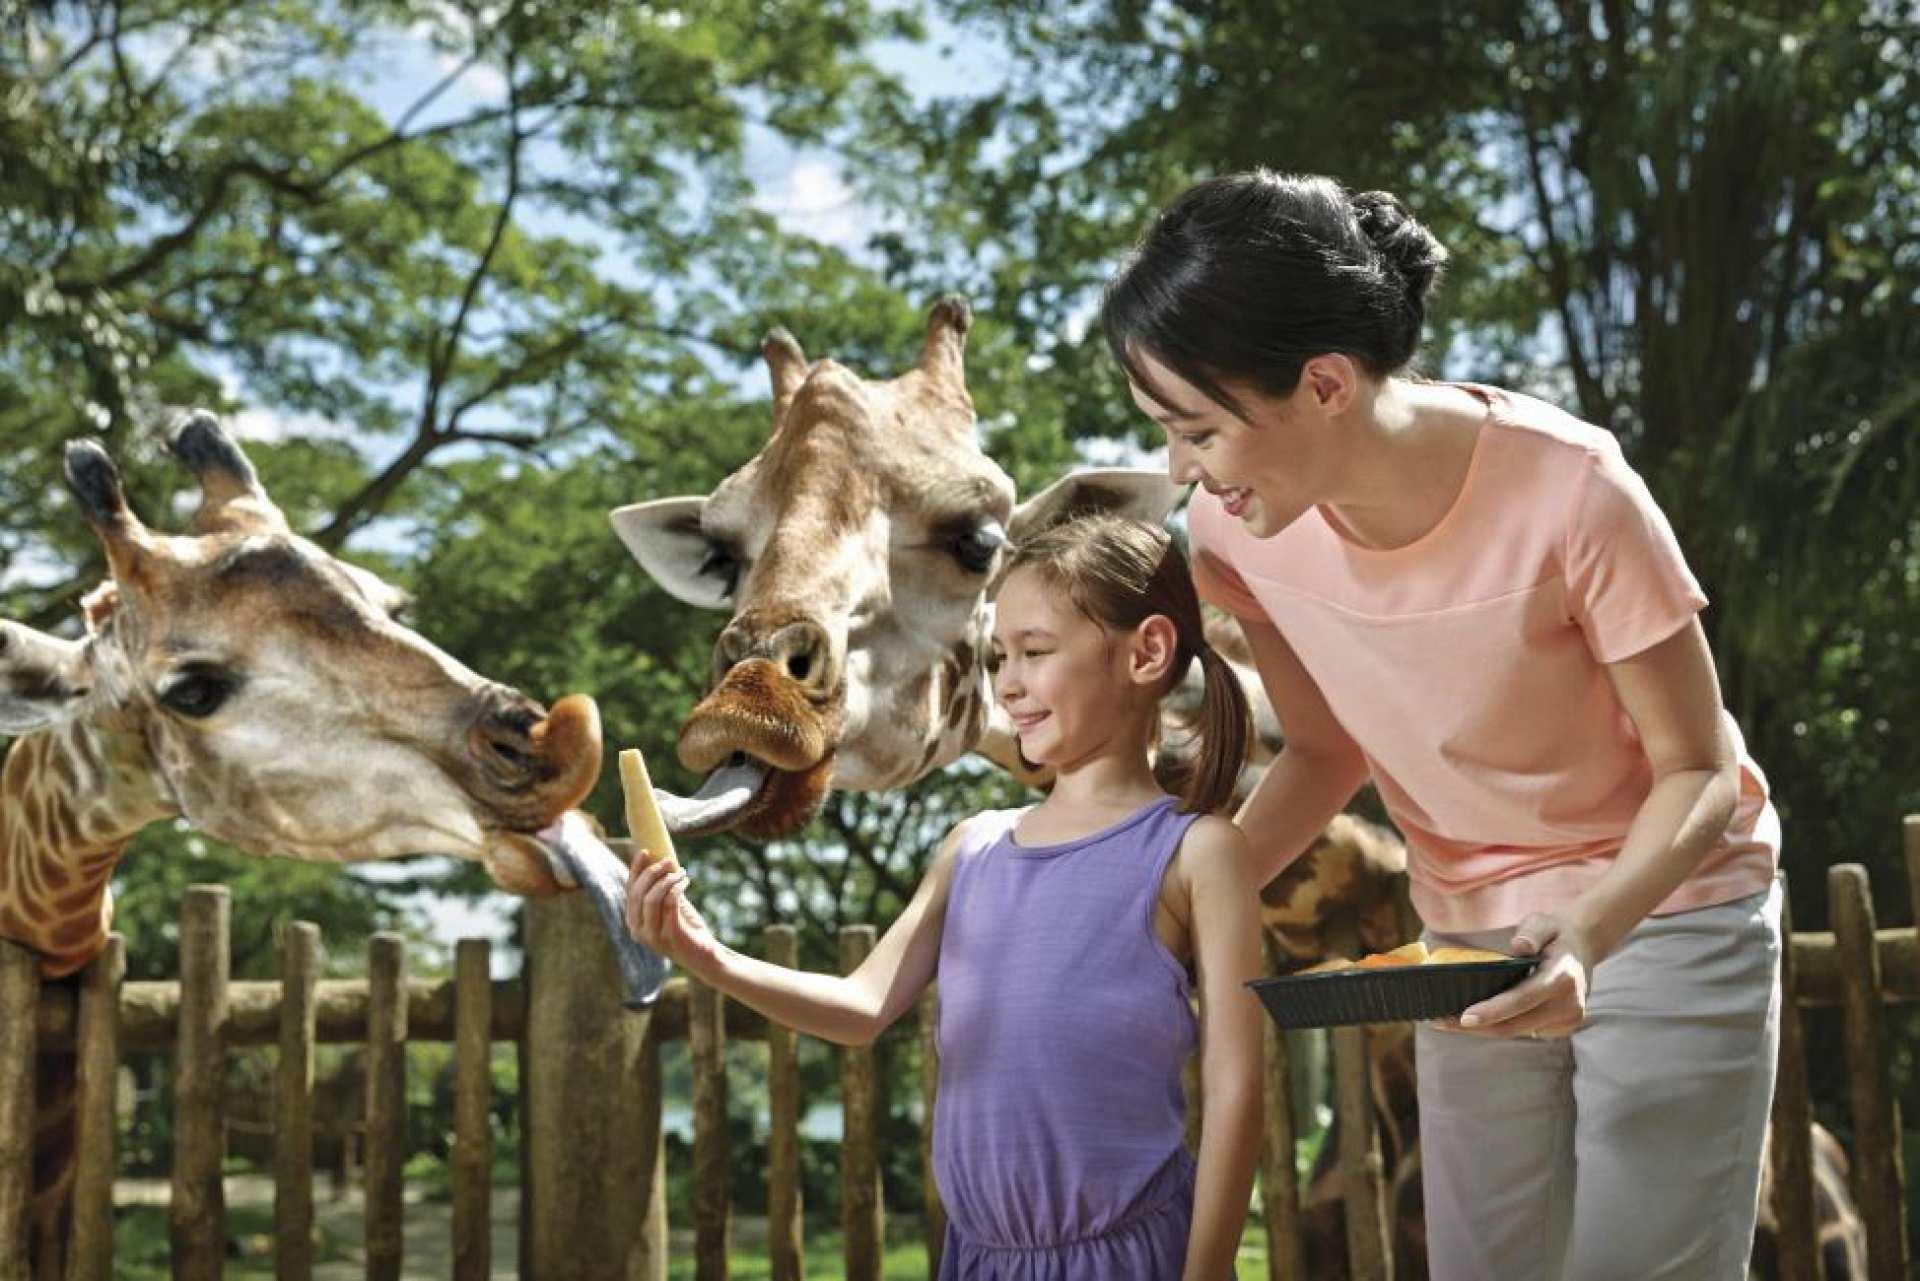 シンガポール動物園(Singapore Zoo)入場チケット:オフィシャル公認販売